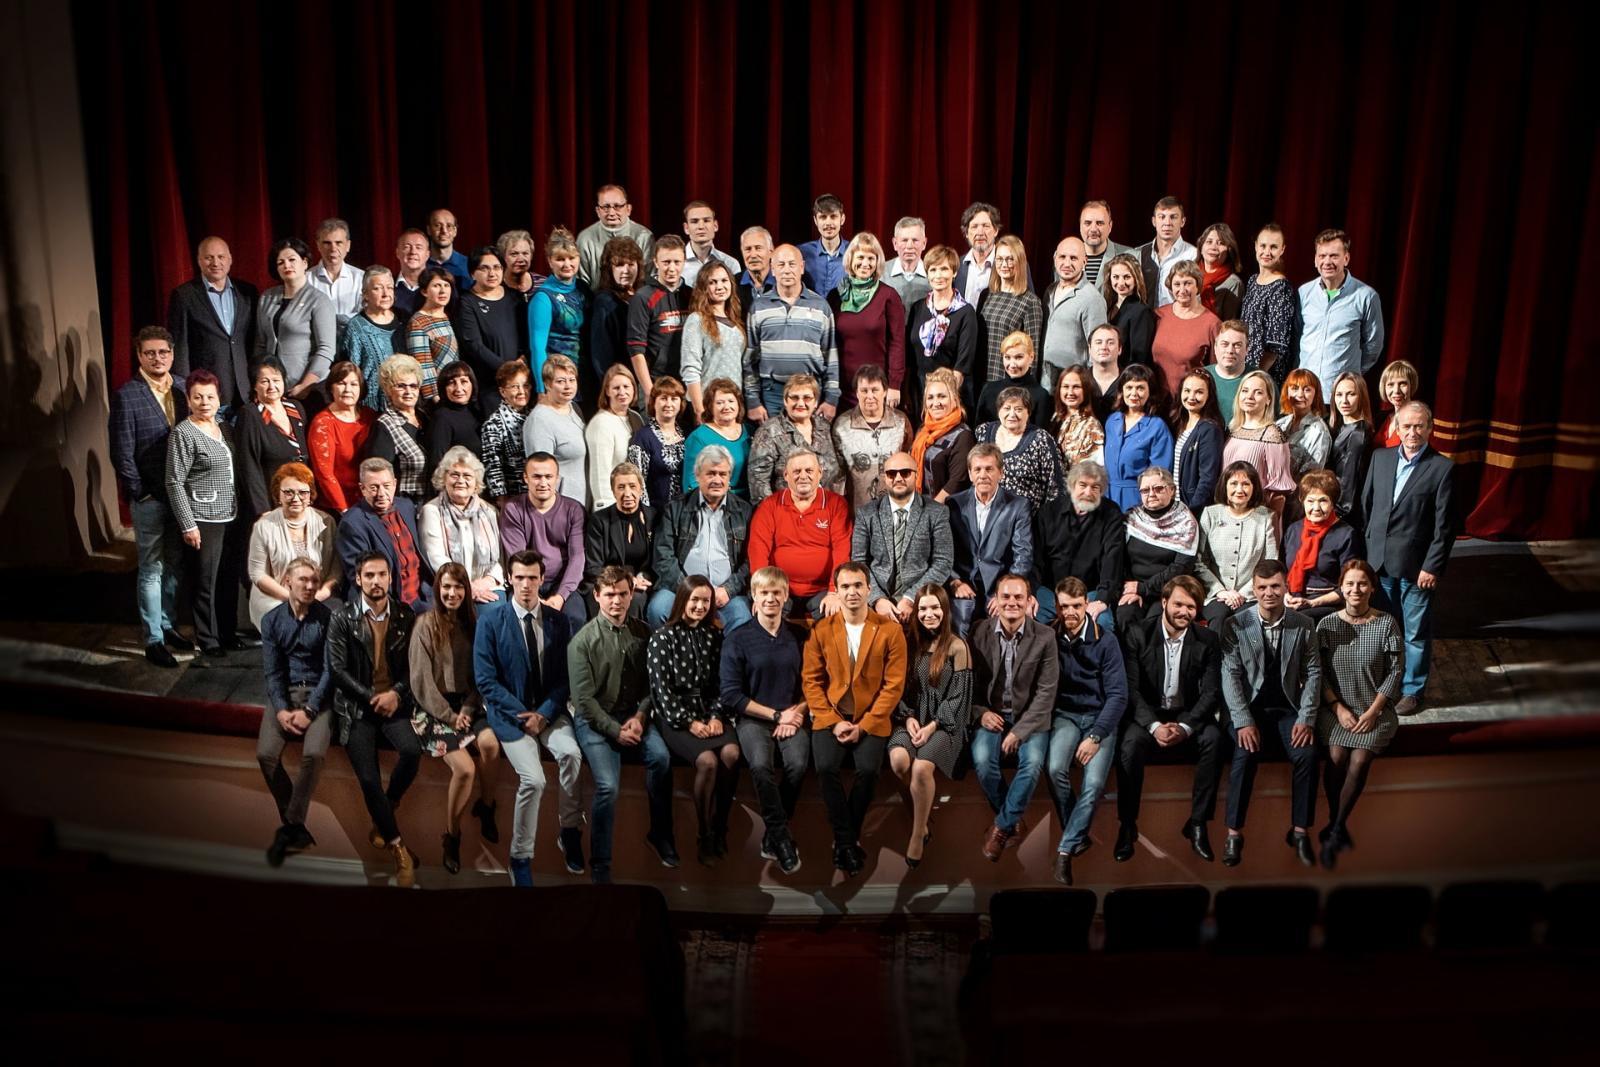 Брянский театр драмы 9 июля из-за коронавируса досрочно завершает сезон